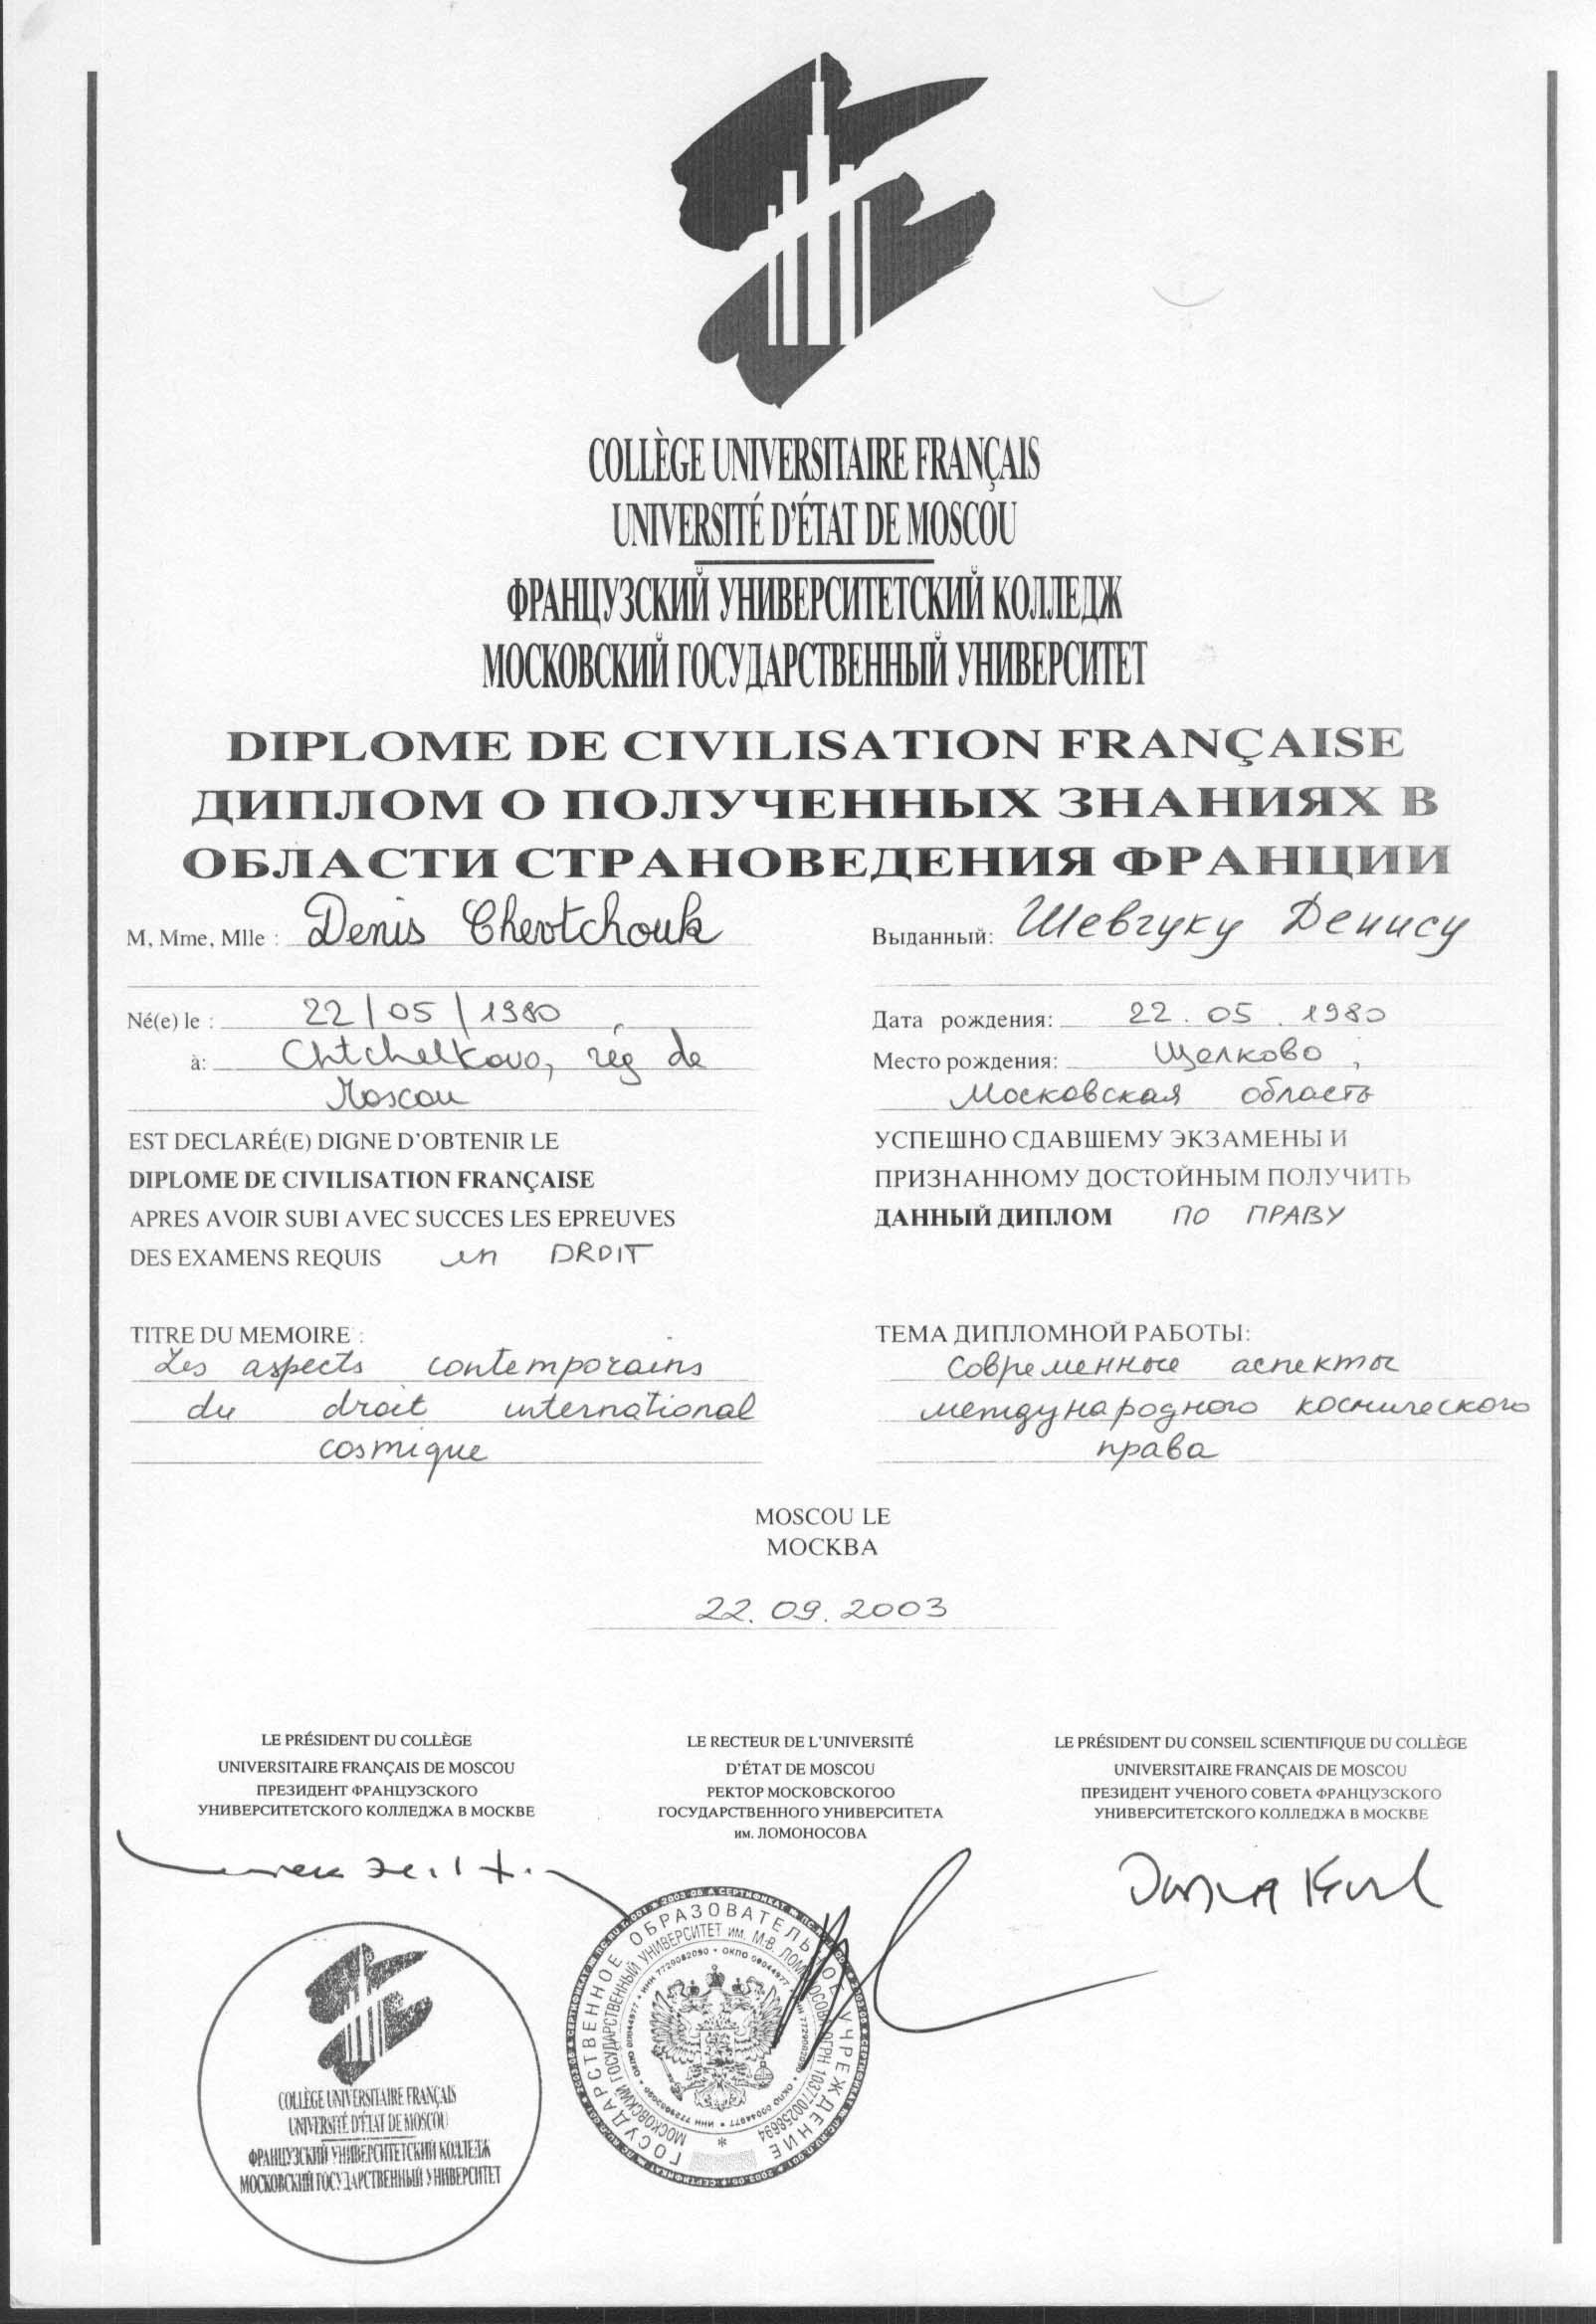 Французский Университетский Колледж МГУ им отзывы спбгу Ломоносова  Диплом